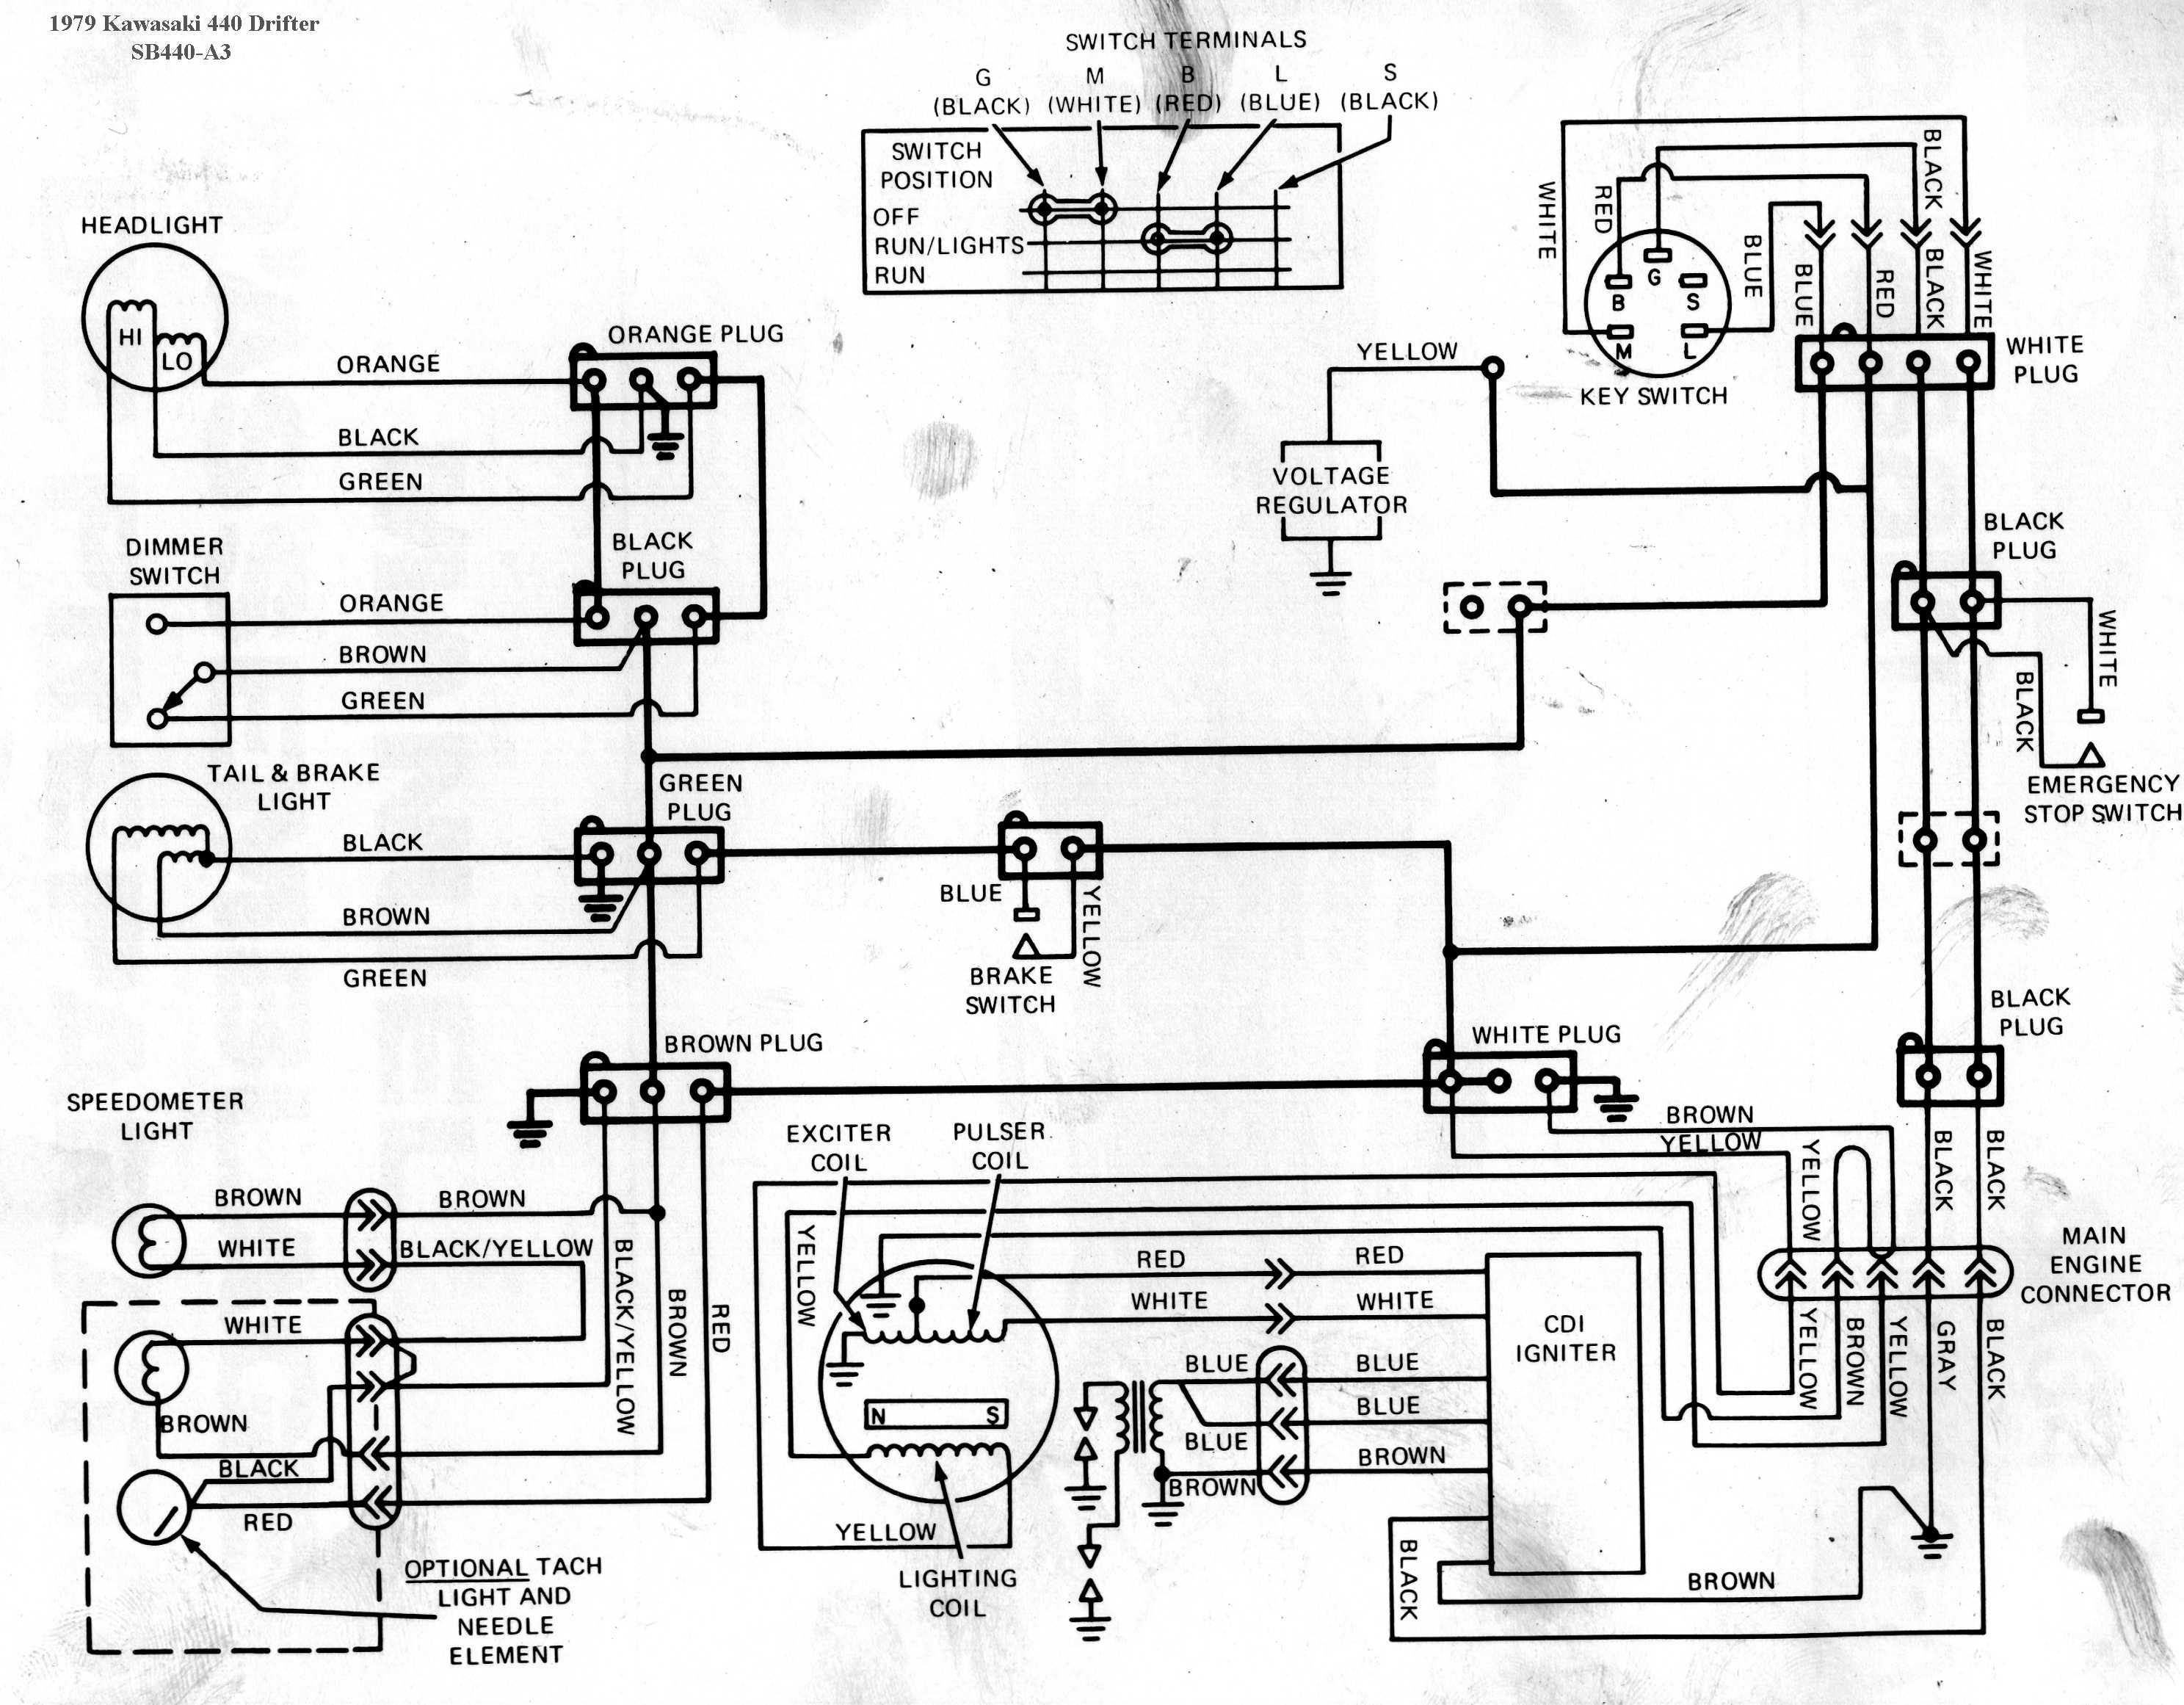 on kawasaki fire sprint wiring schematic